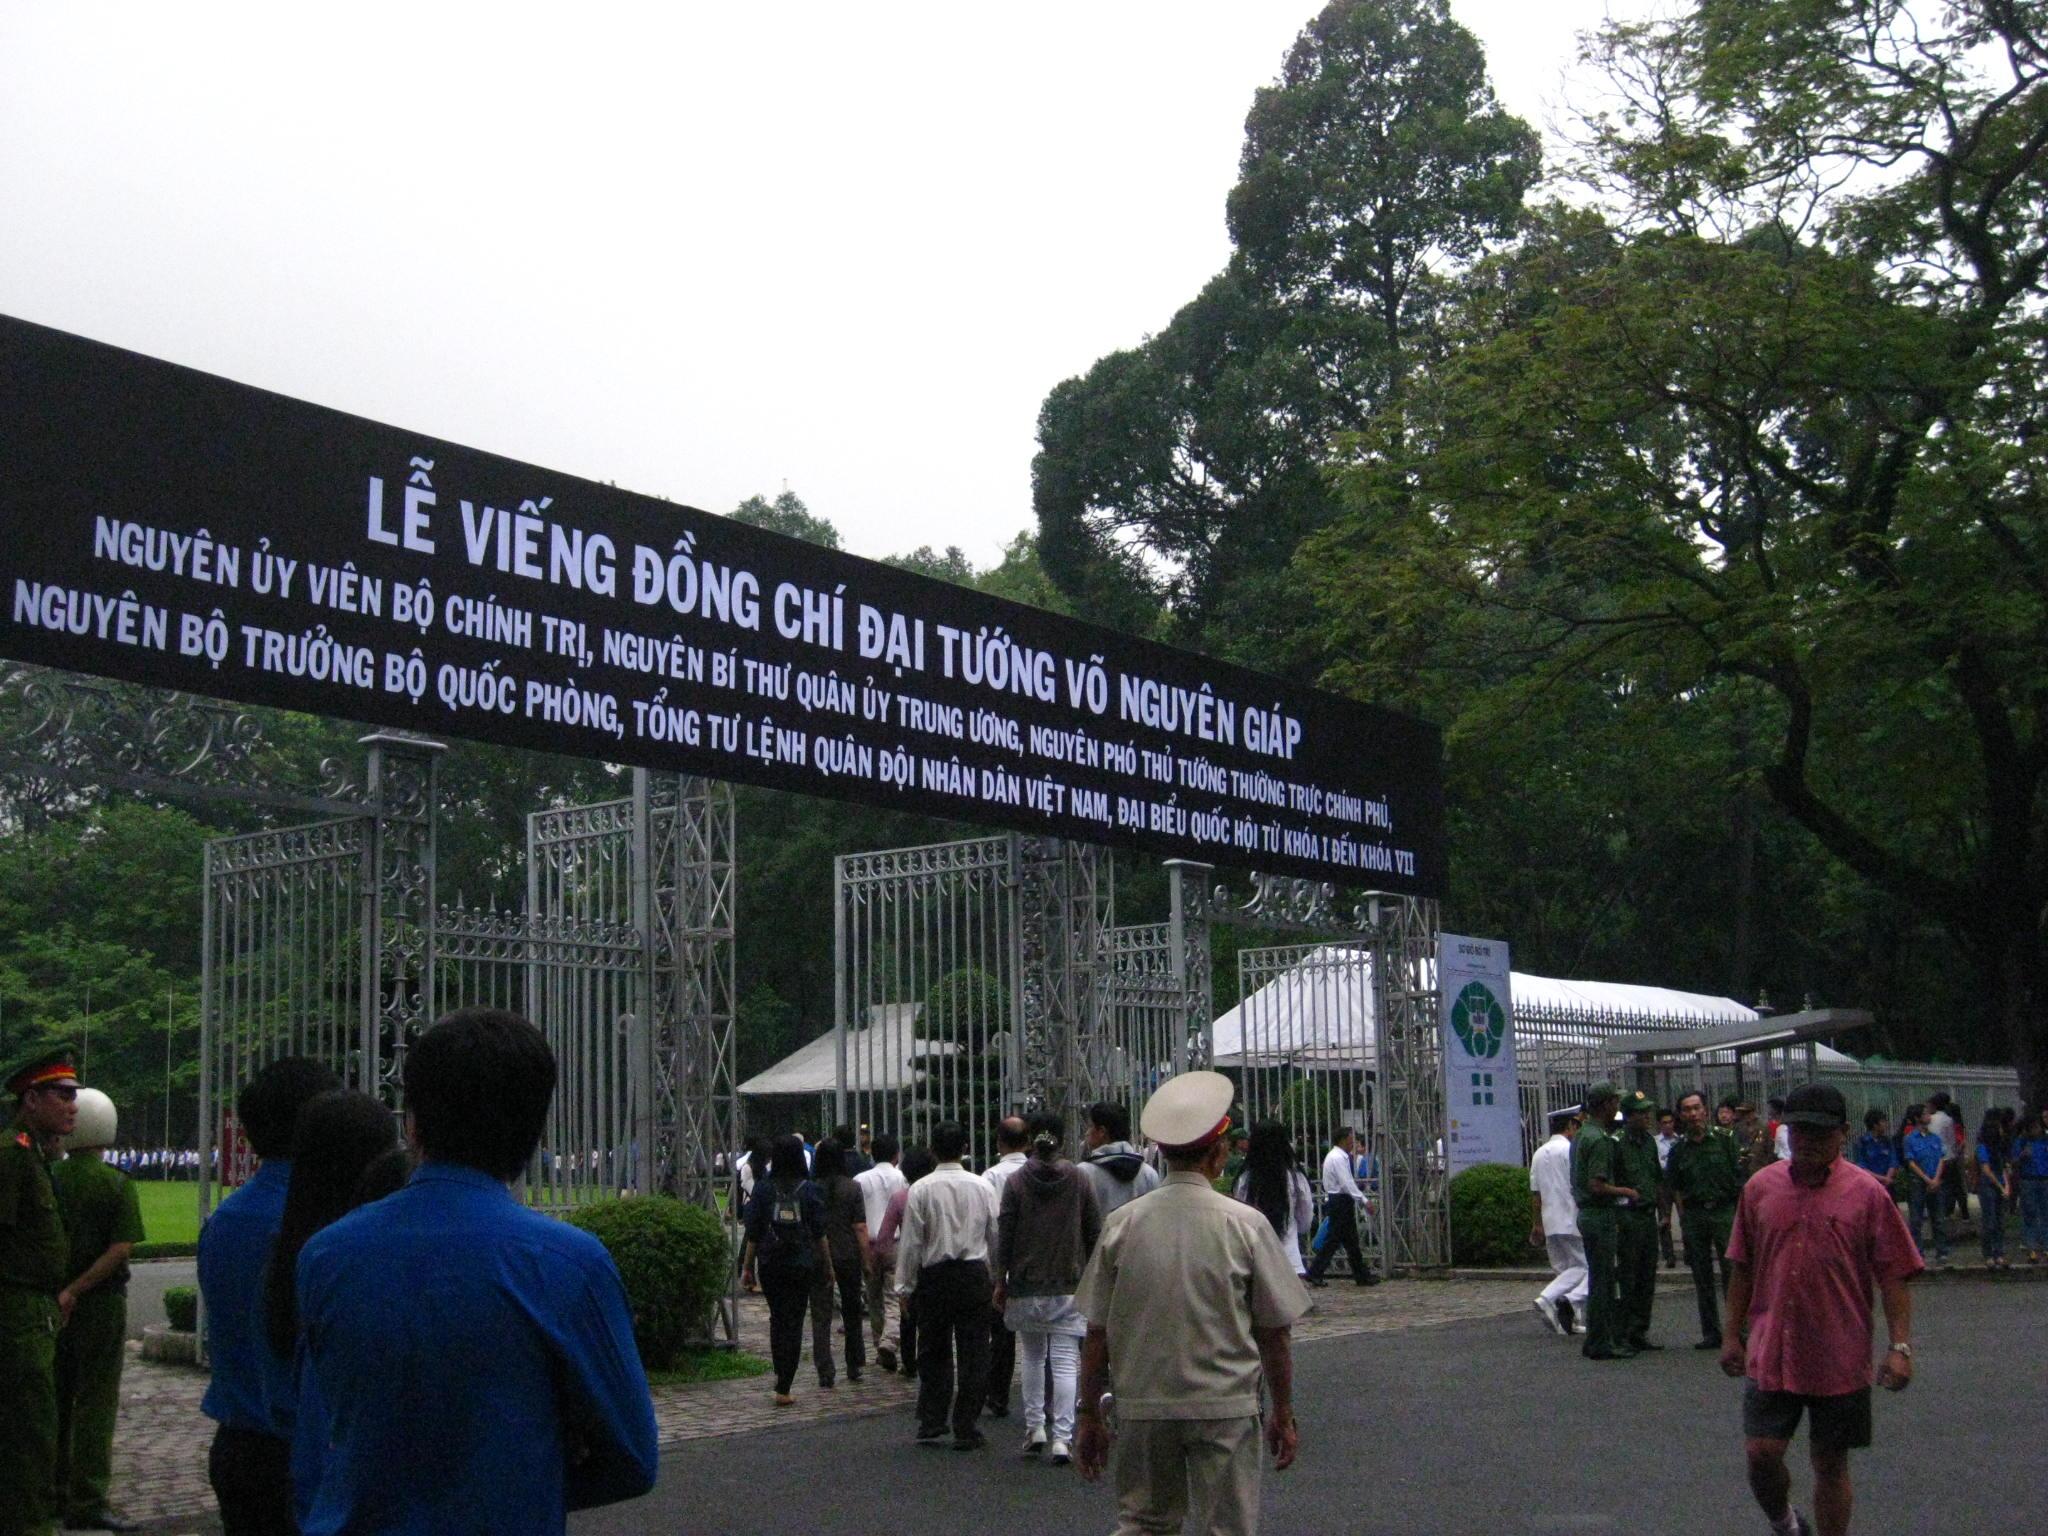 Lễ viếng Đại tướng Võ Nguyễn Giáp kéo dài hết đêm - Ảnh 24